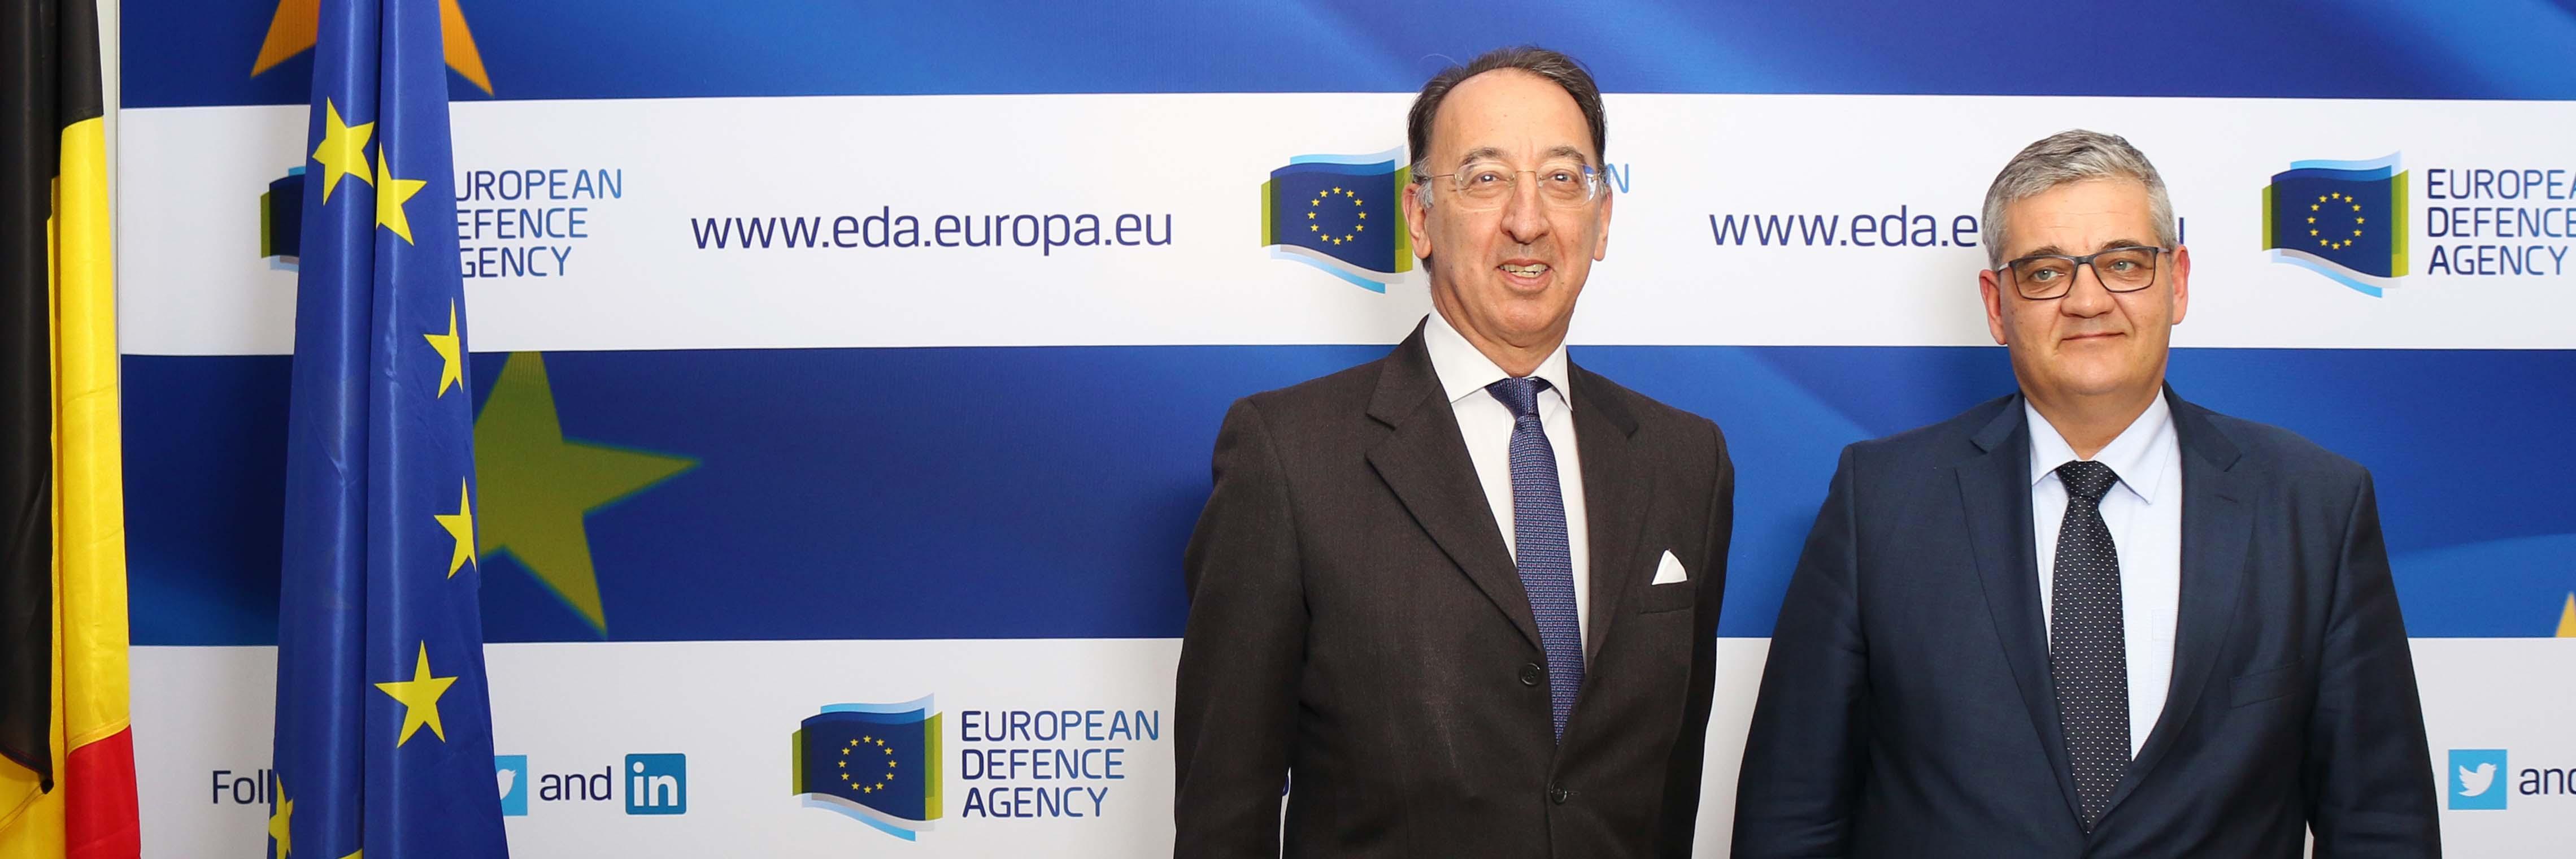 Belgian Minister of Defence visits EDA